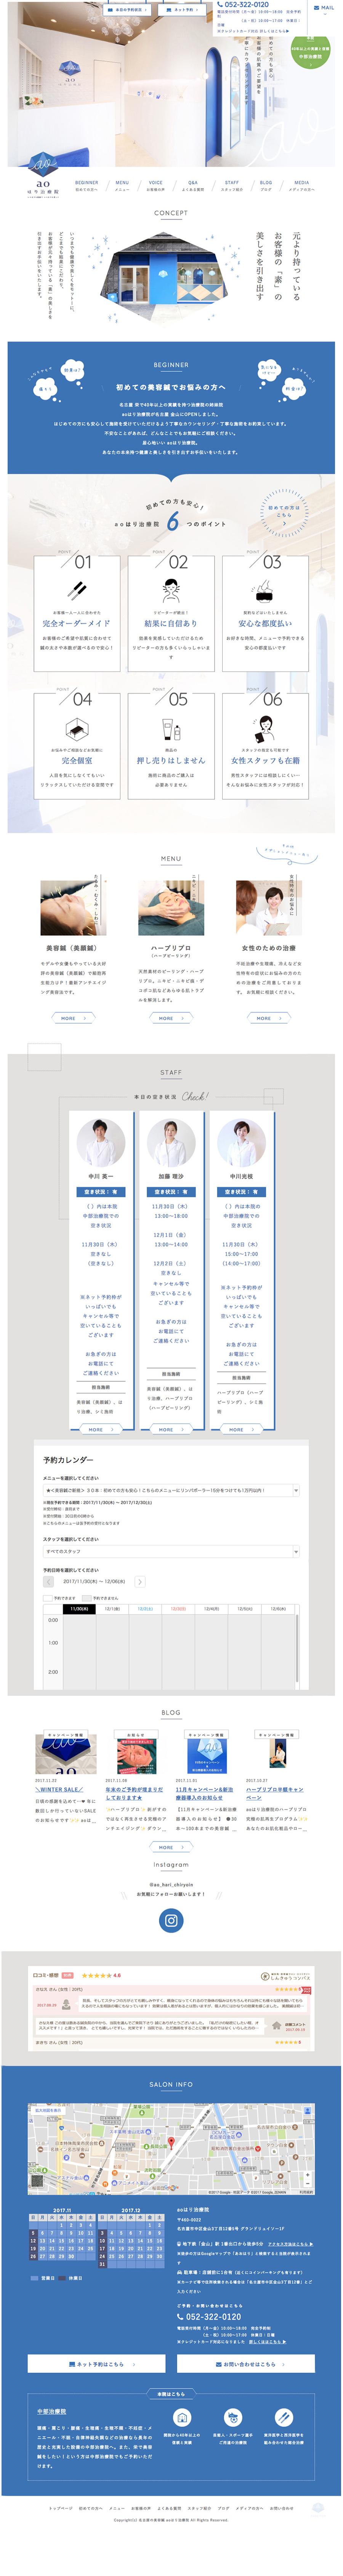 治療院のホームページデザイン